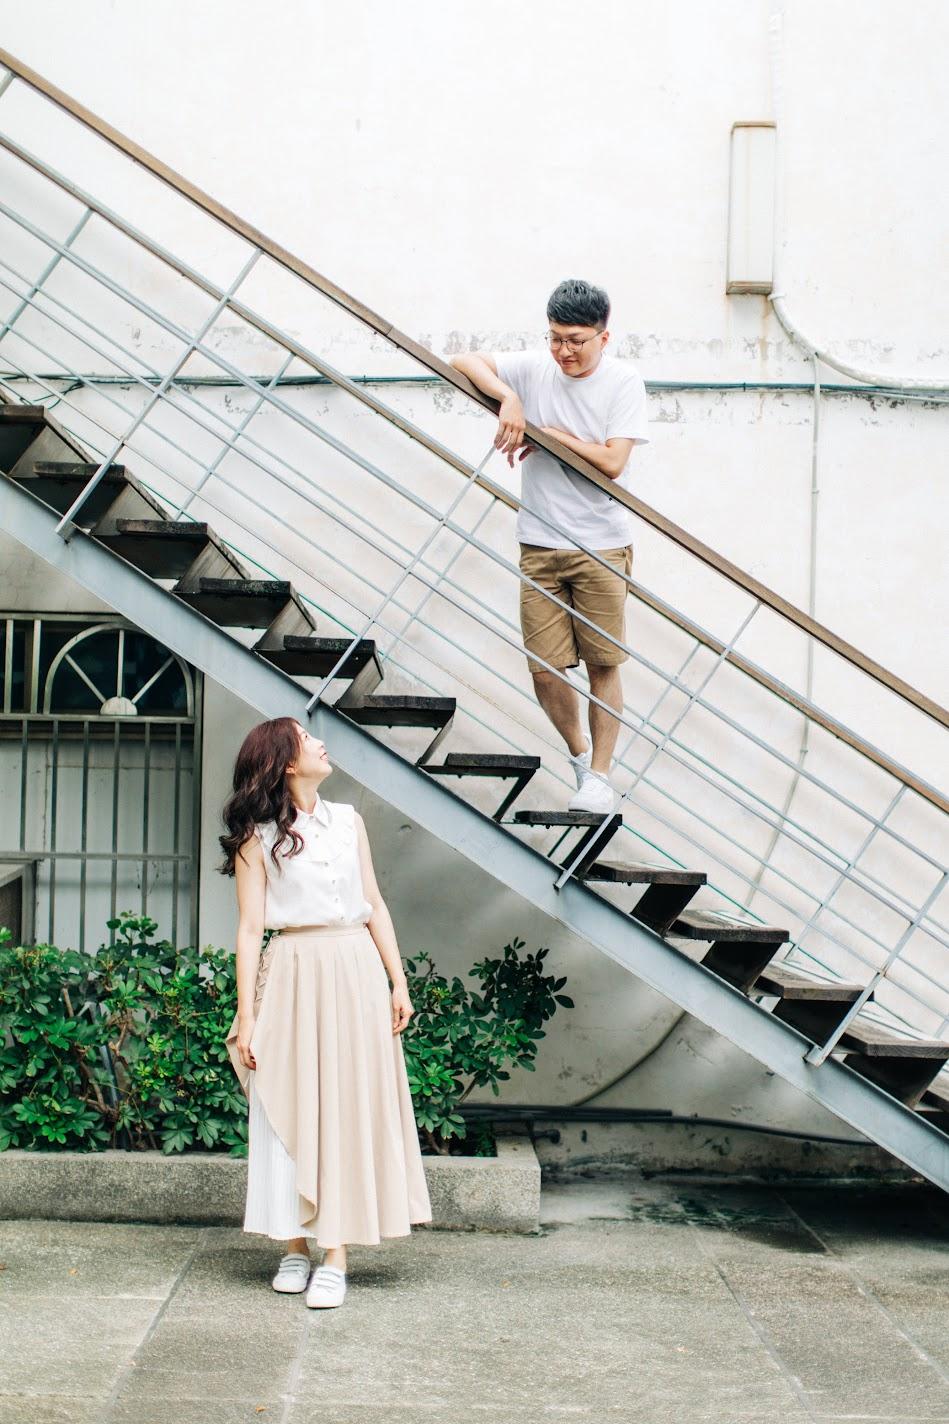 逐光婚紗-AG婚紗-美式婚紗-Amazing Grace 婚紗-Adam Chen婚攝-自助自主婚紗-戶外婚紗